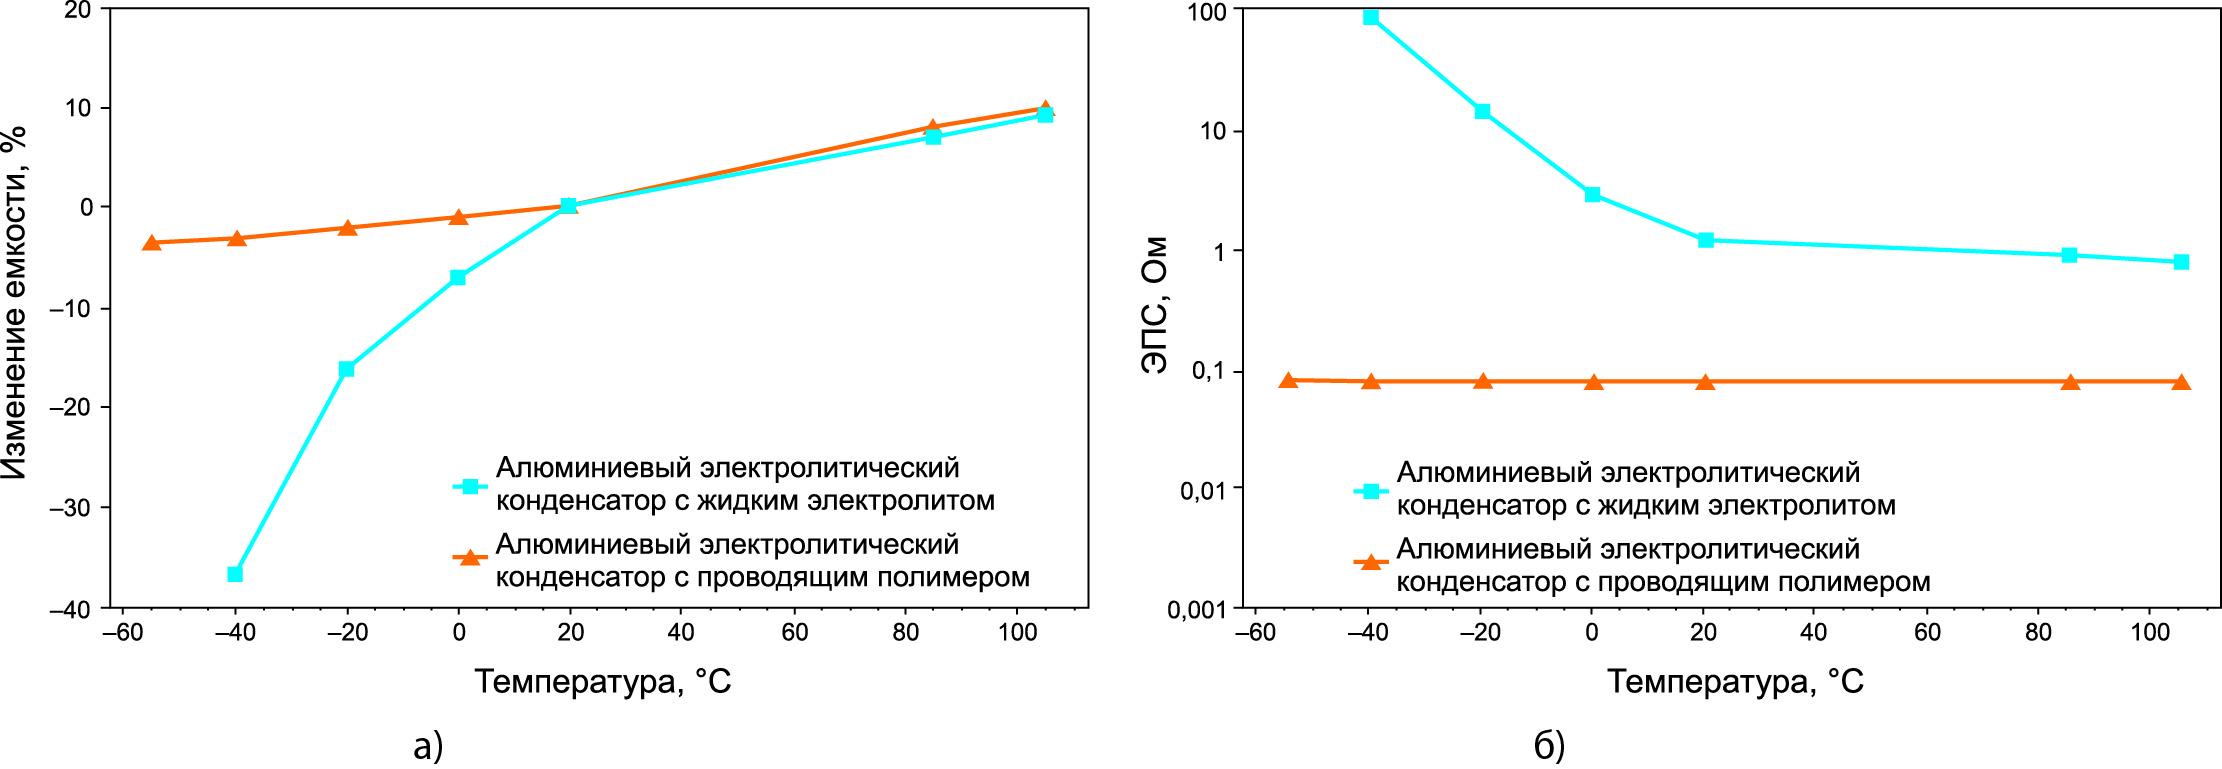 Зависимость от температуры емкости и ЭПС конденсатора